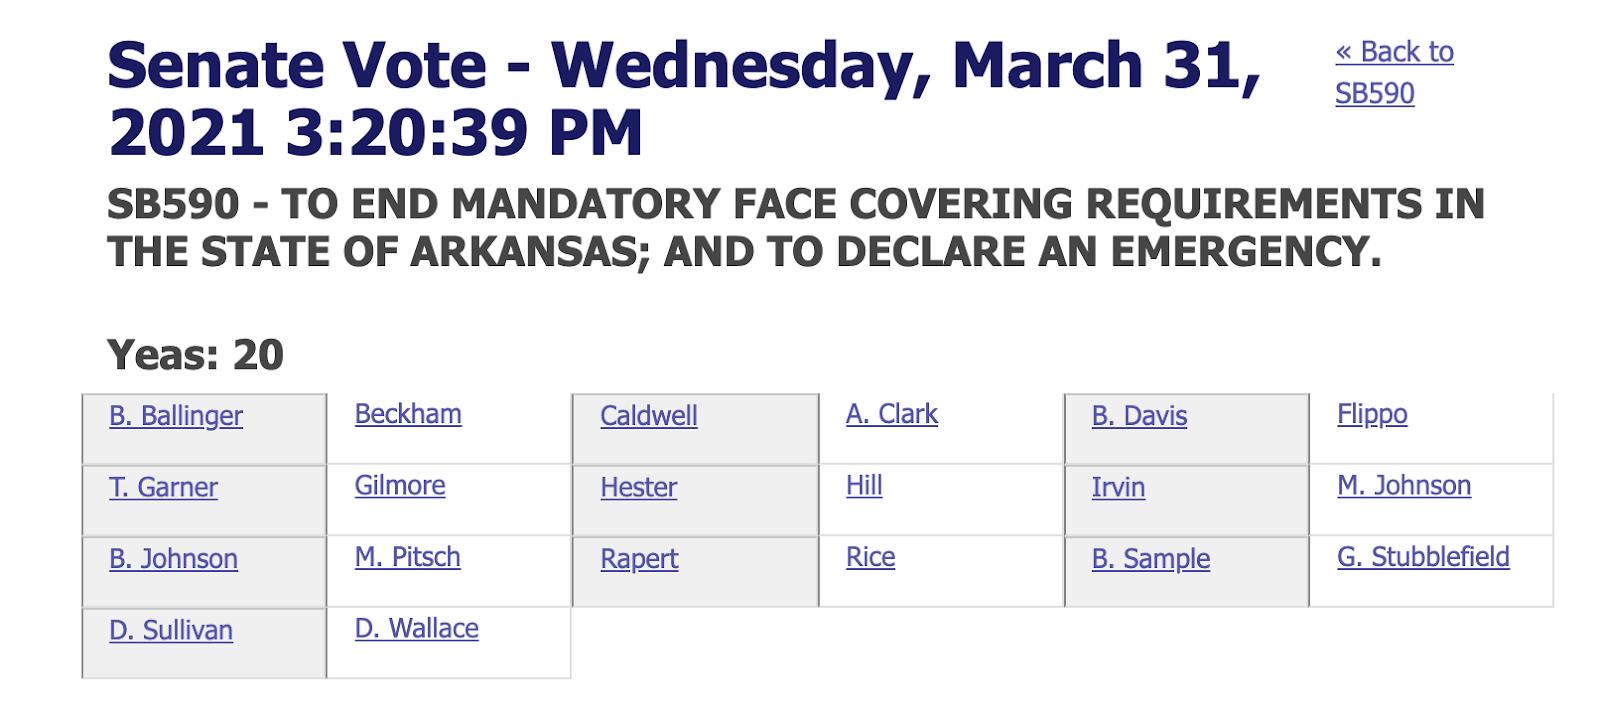 SB590 Senate floor votes